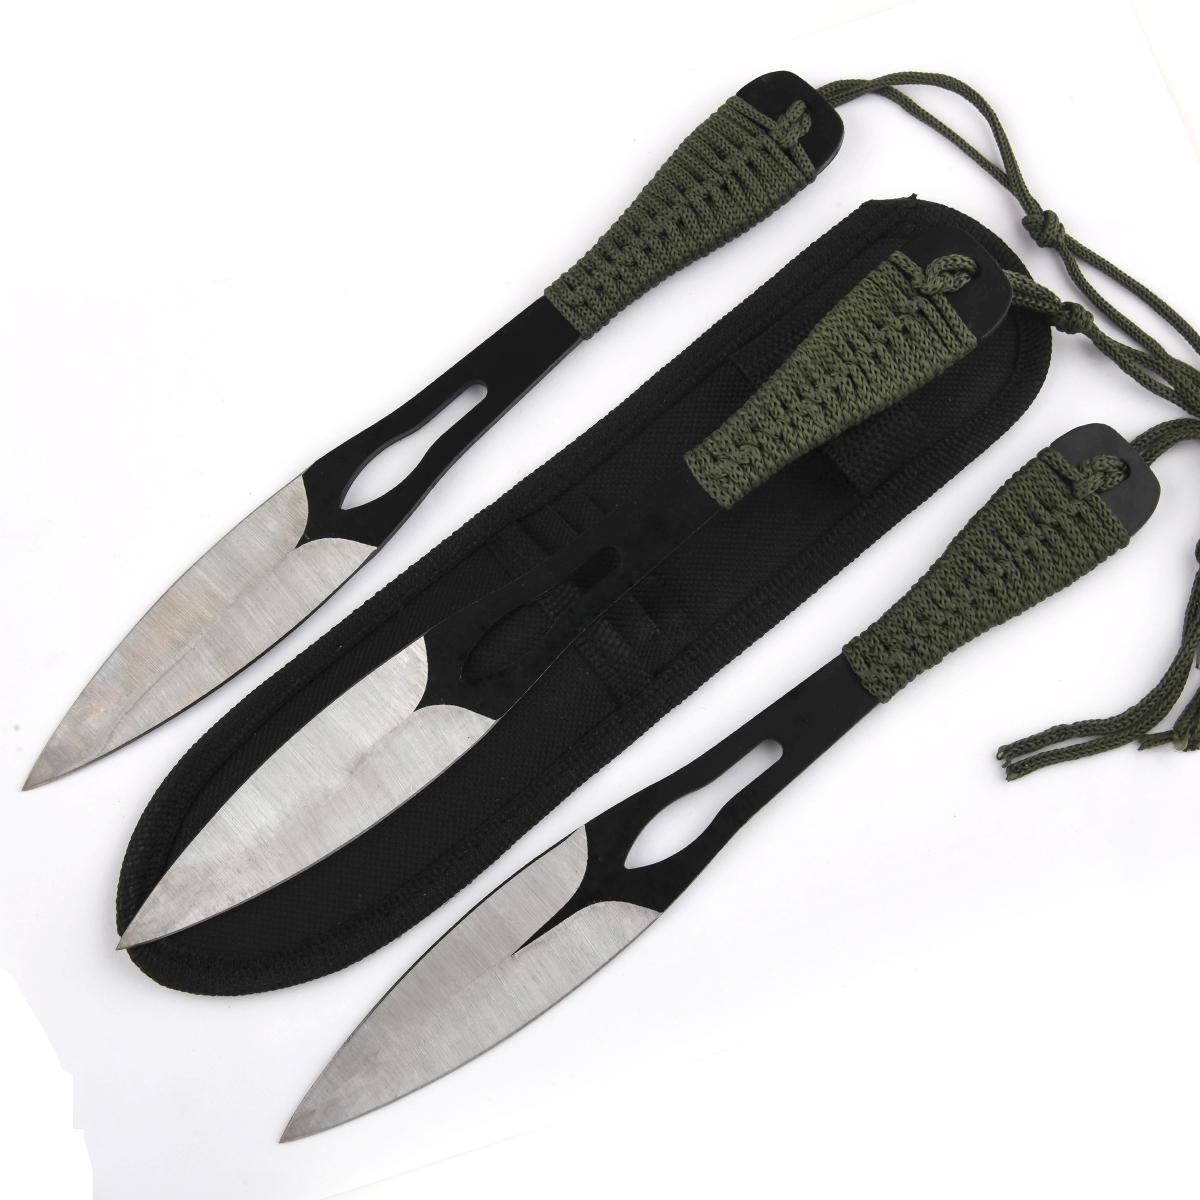 Оригинальные ножи для метания